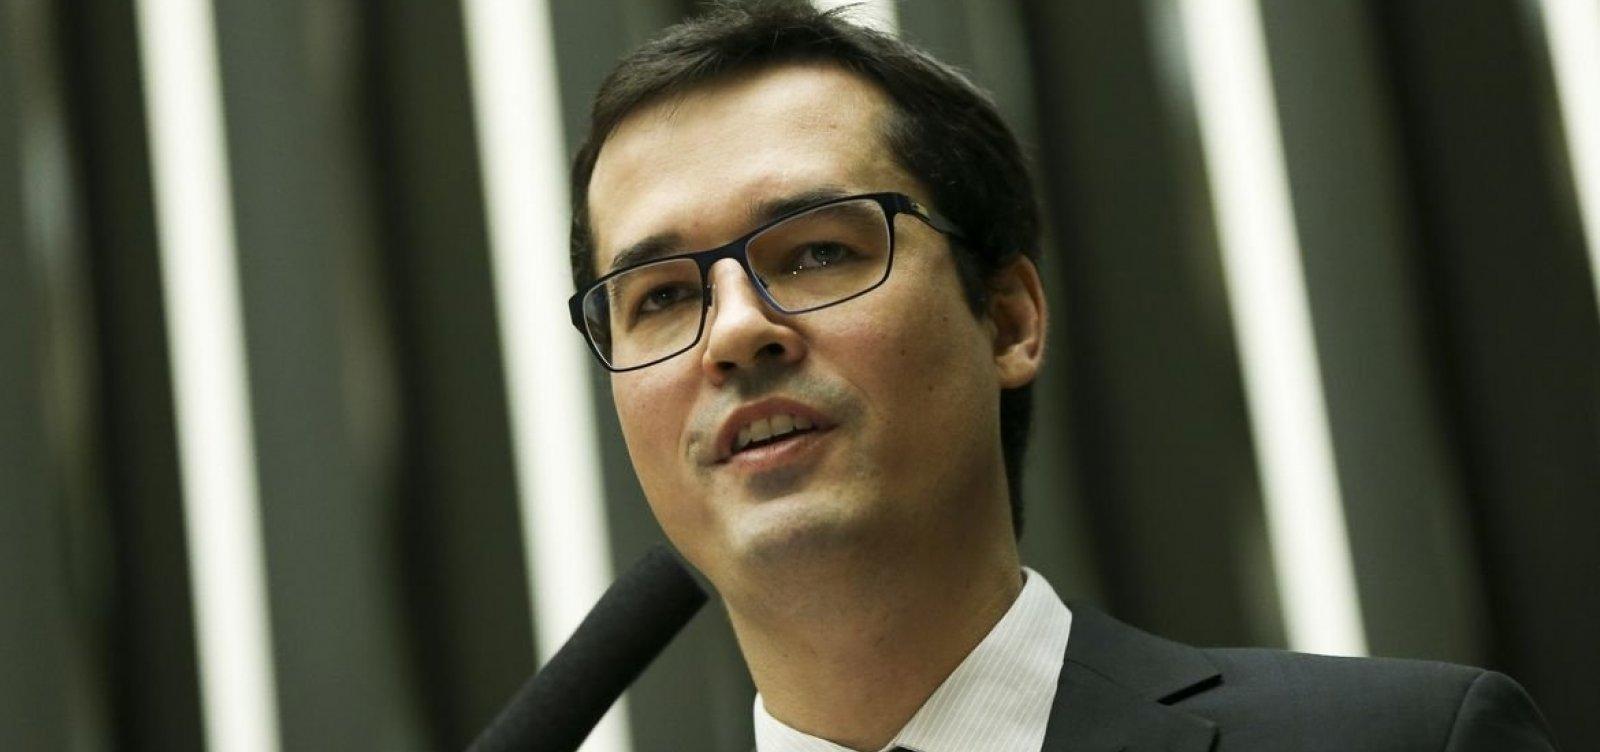 Após saída de Moro, Deltan indicou a juíza prioridades da Lava Jato